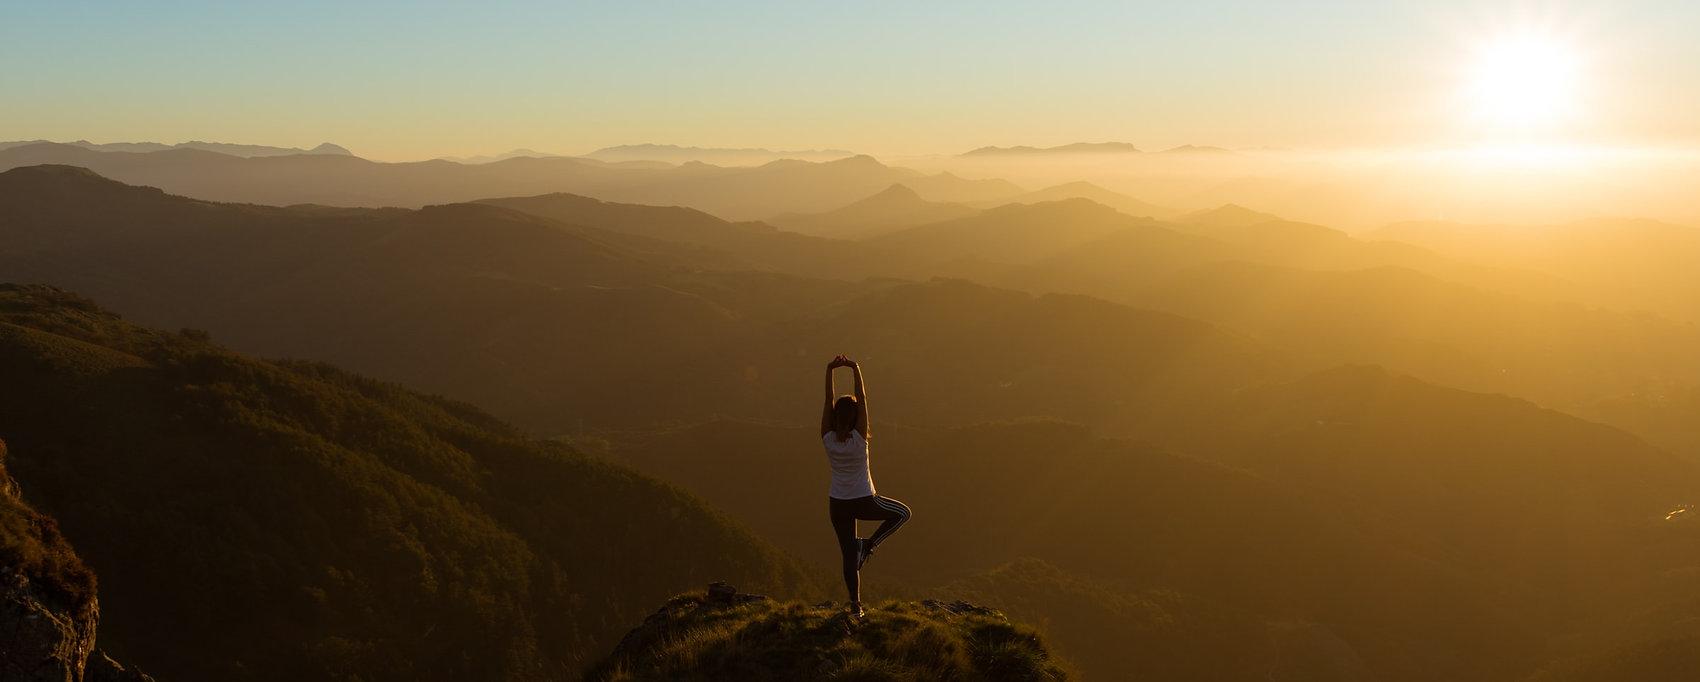 Yoga-Reisen - eneko-urunuela-I2YSmEUAgDY